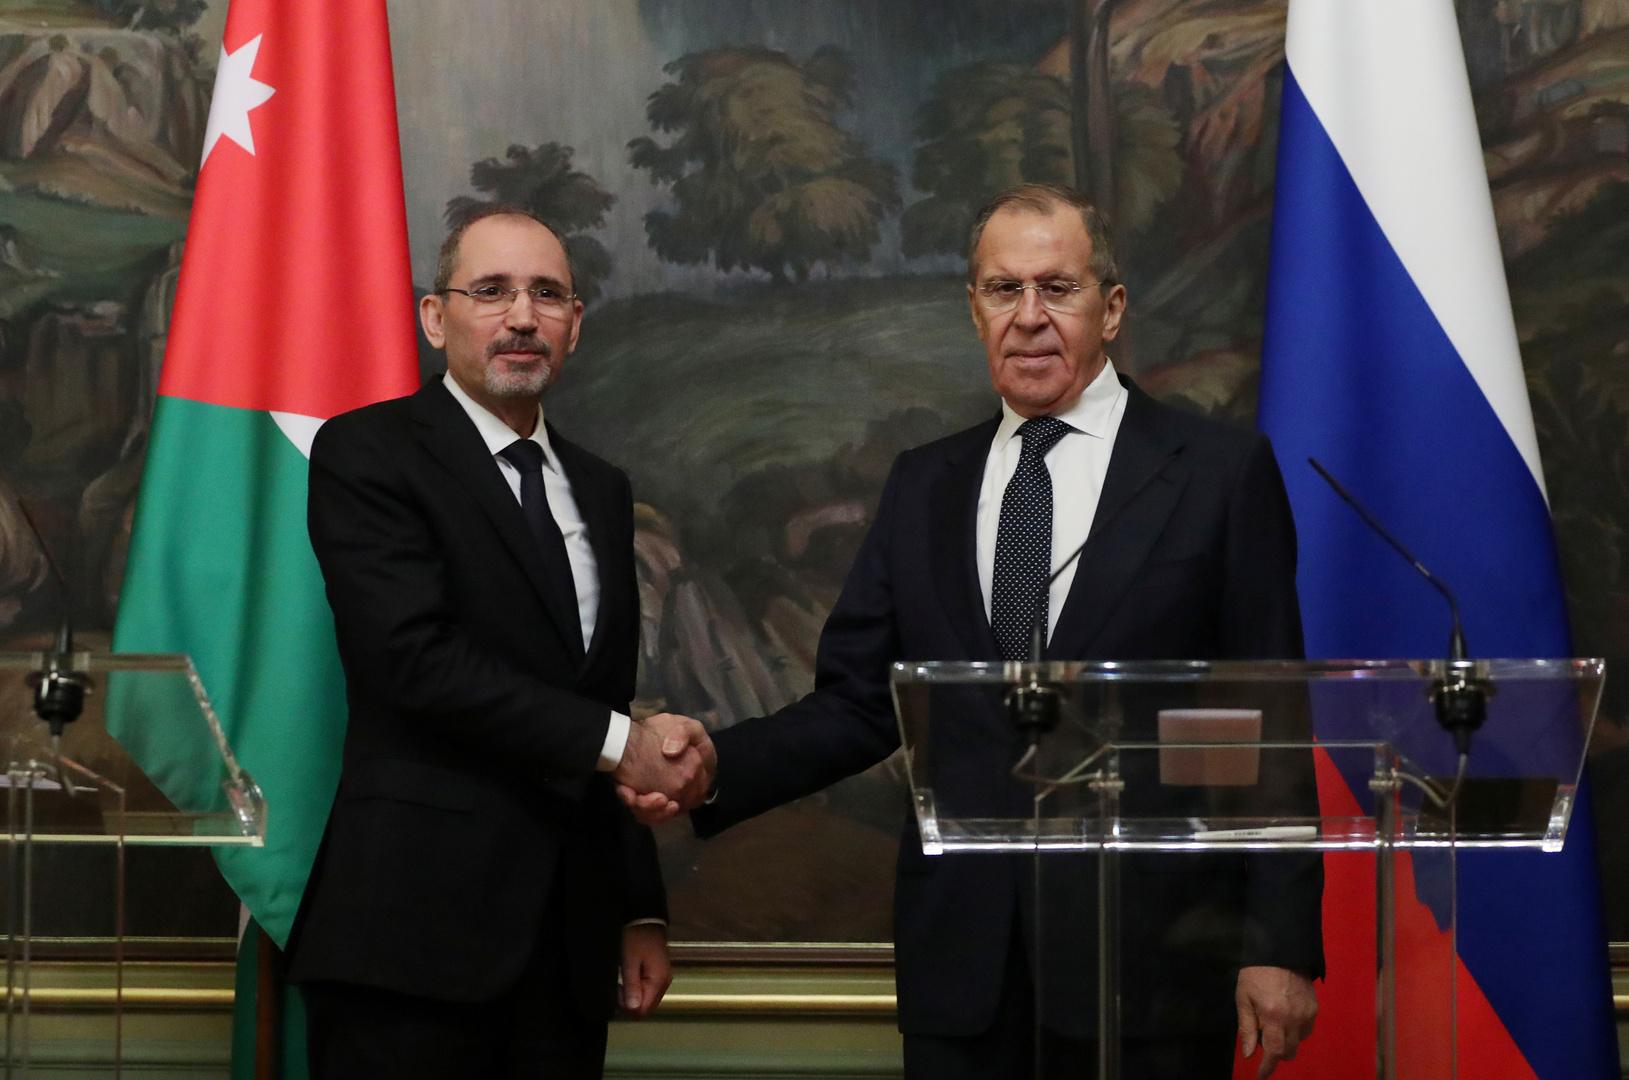 لقاء وزير الخارجية الروسي سيرغي لافروف، ونظيره الأردني أيمن الصفدي، أرشيف